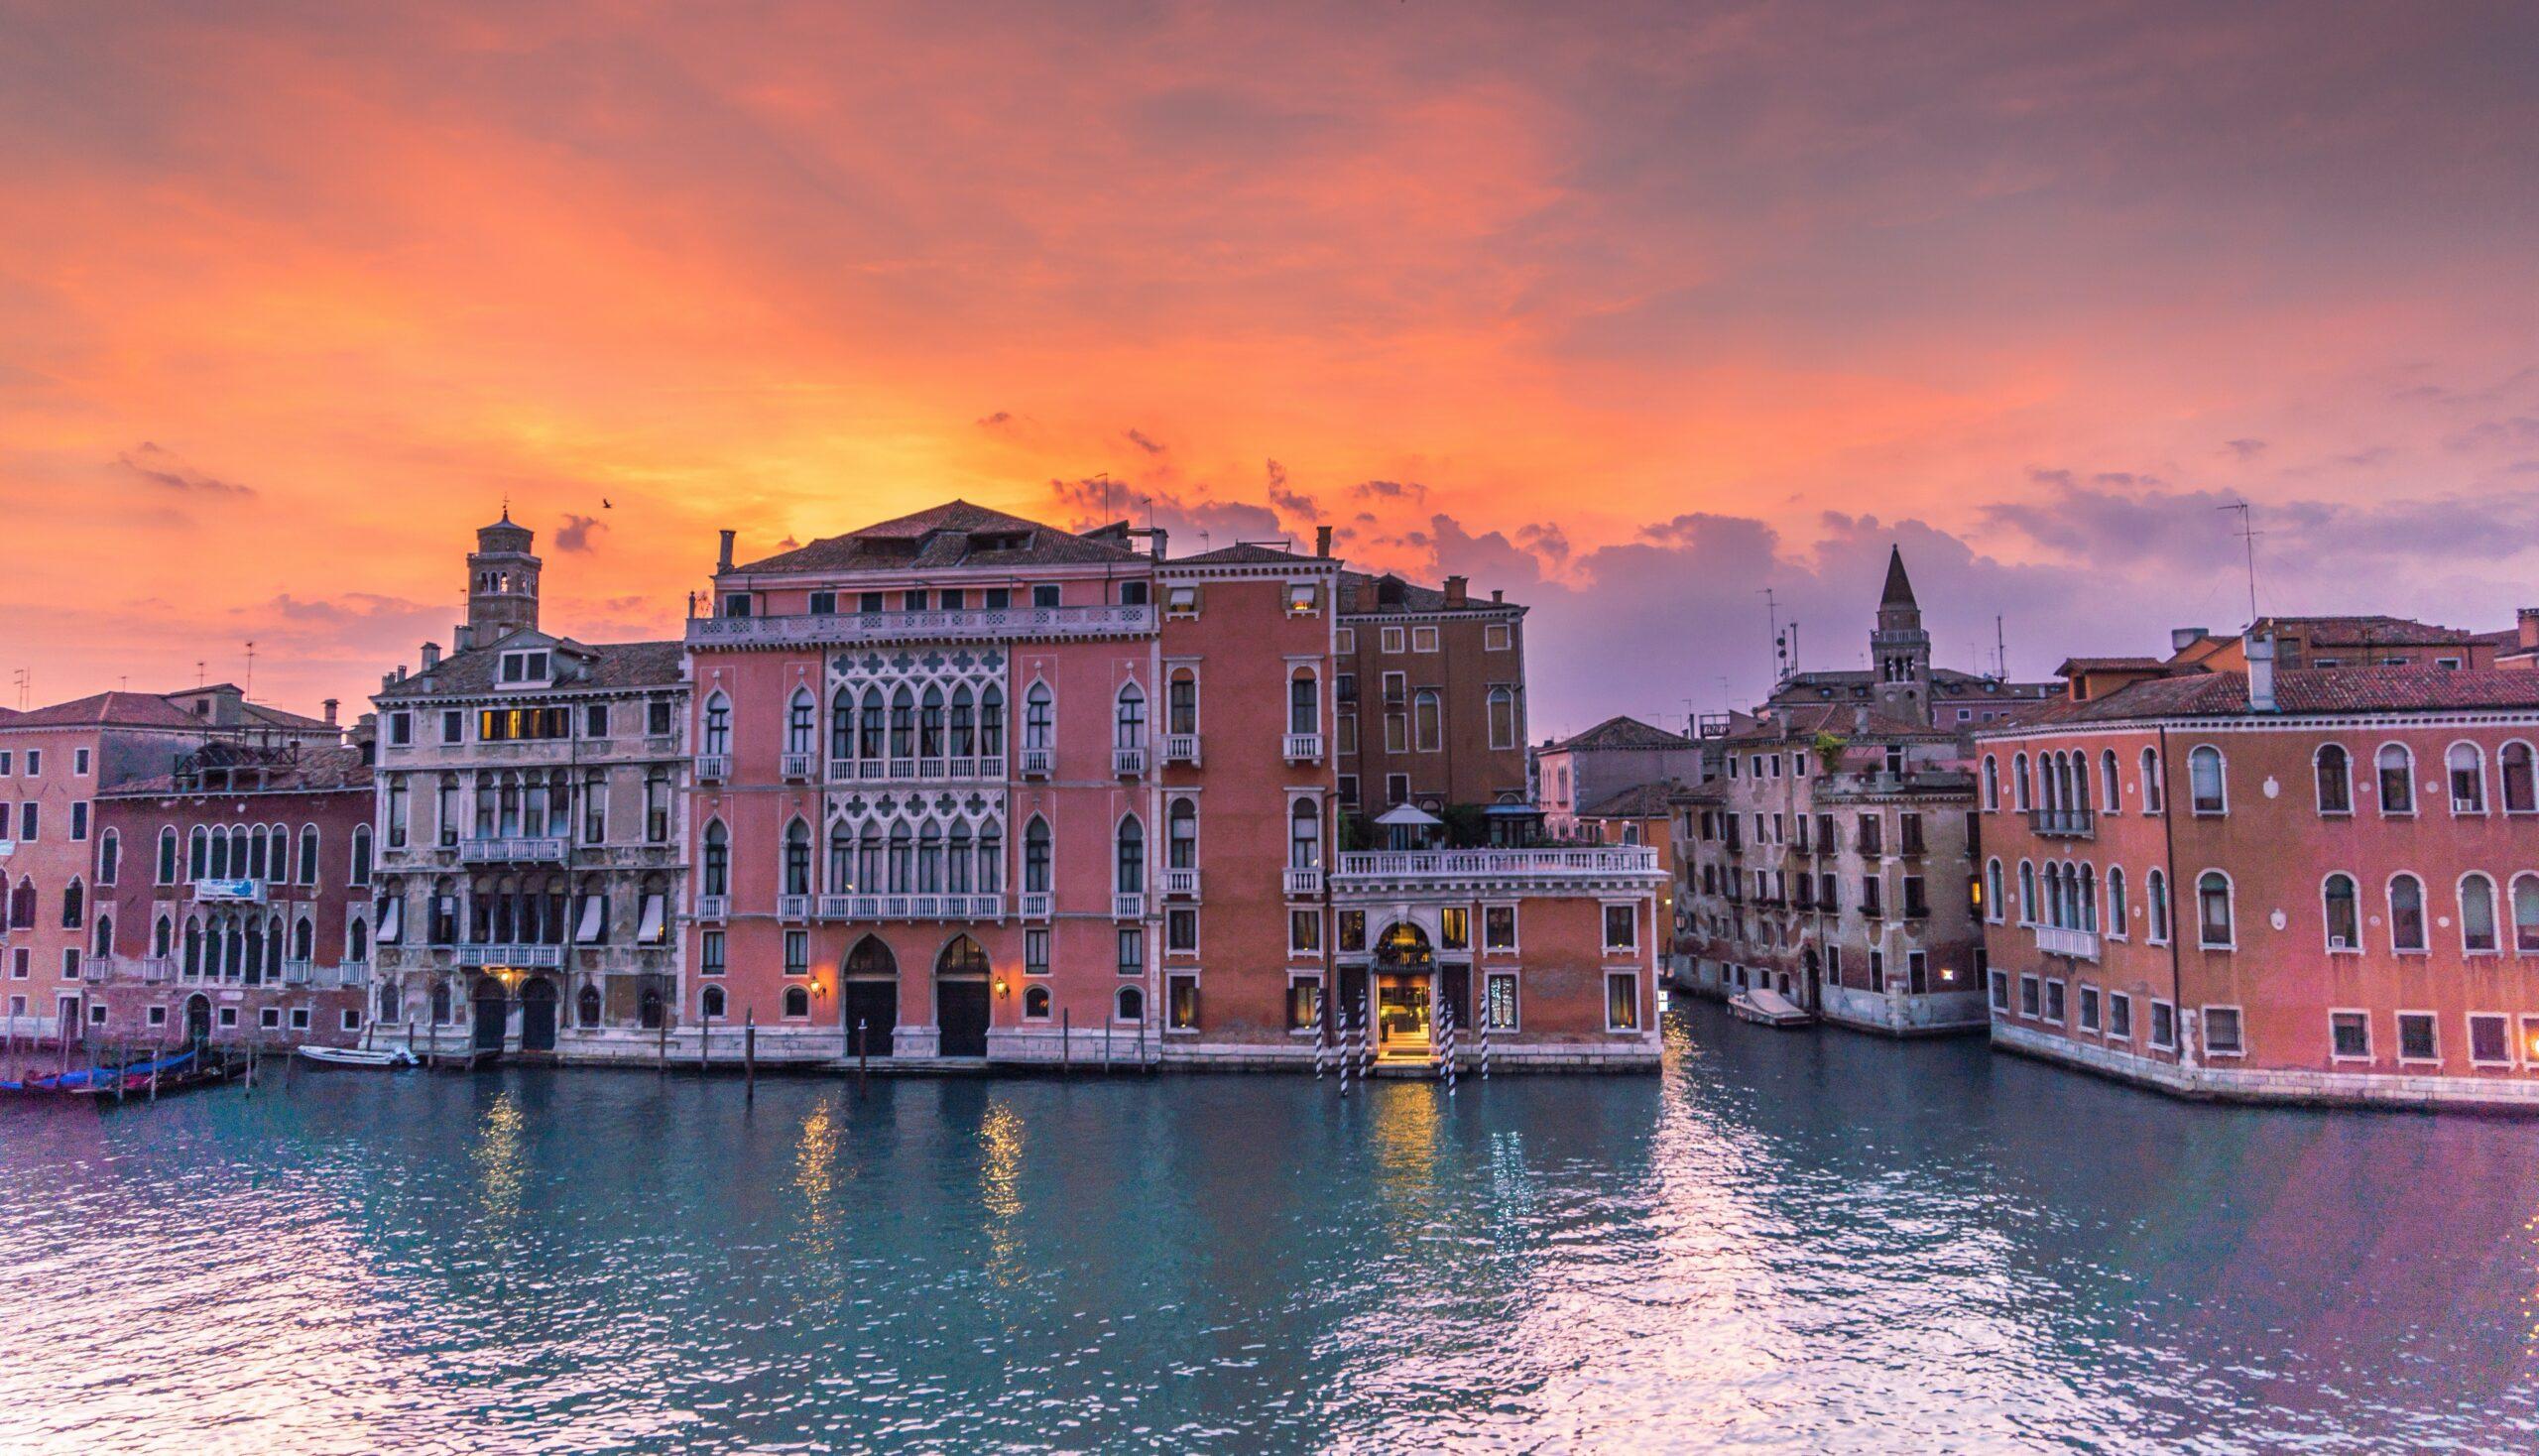 Il G20 si riunisce a Venezia a luglio 2021